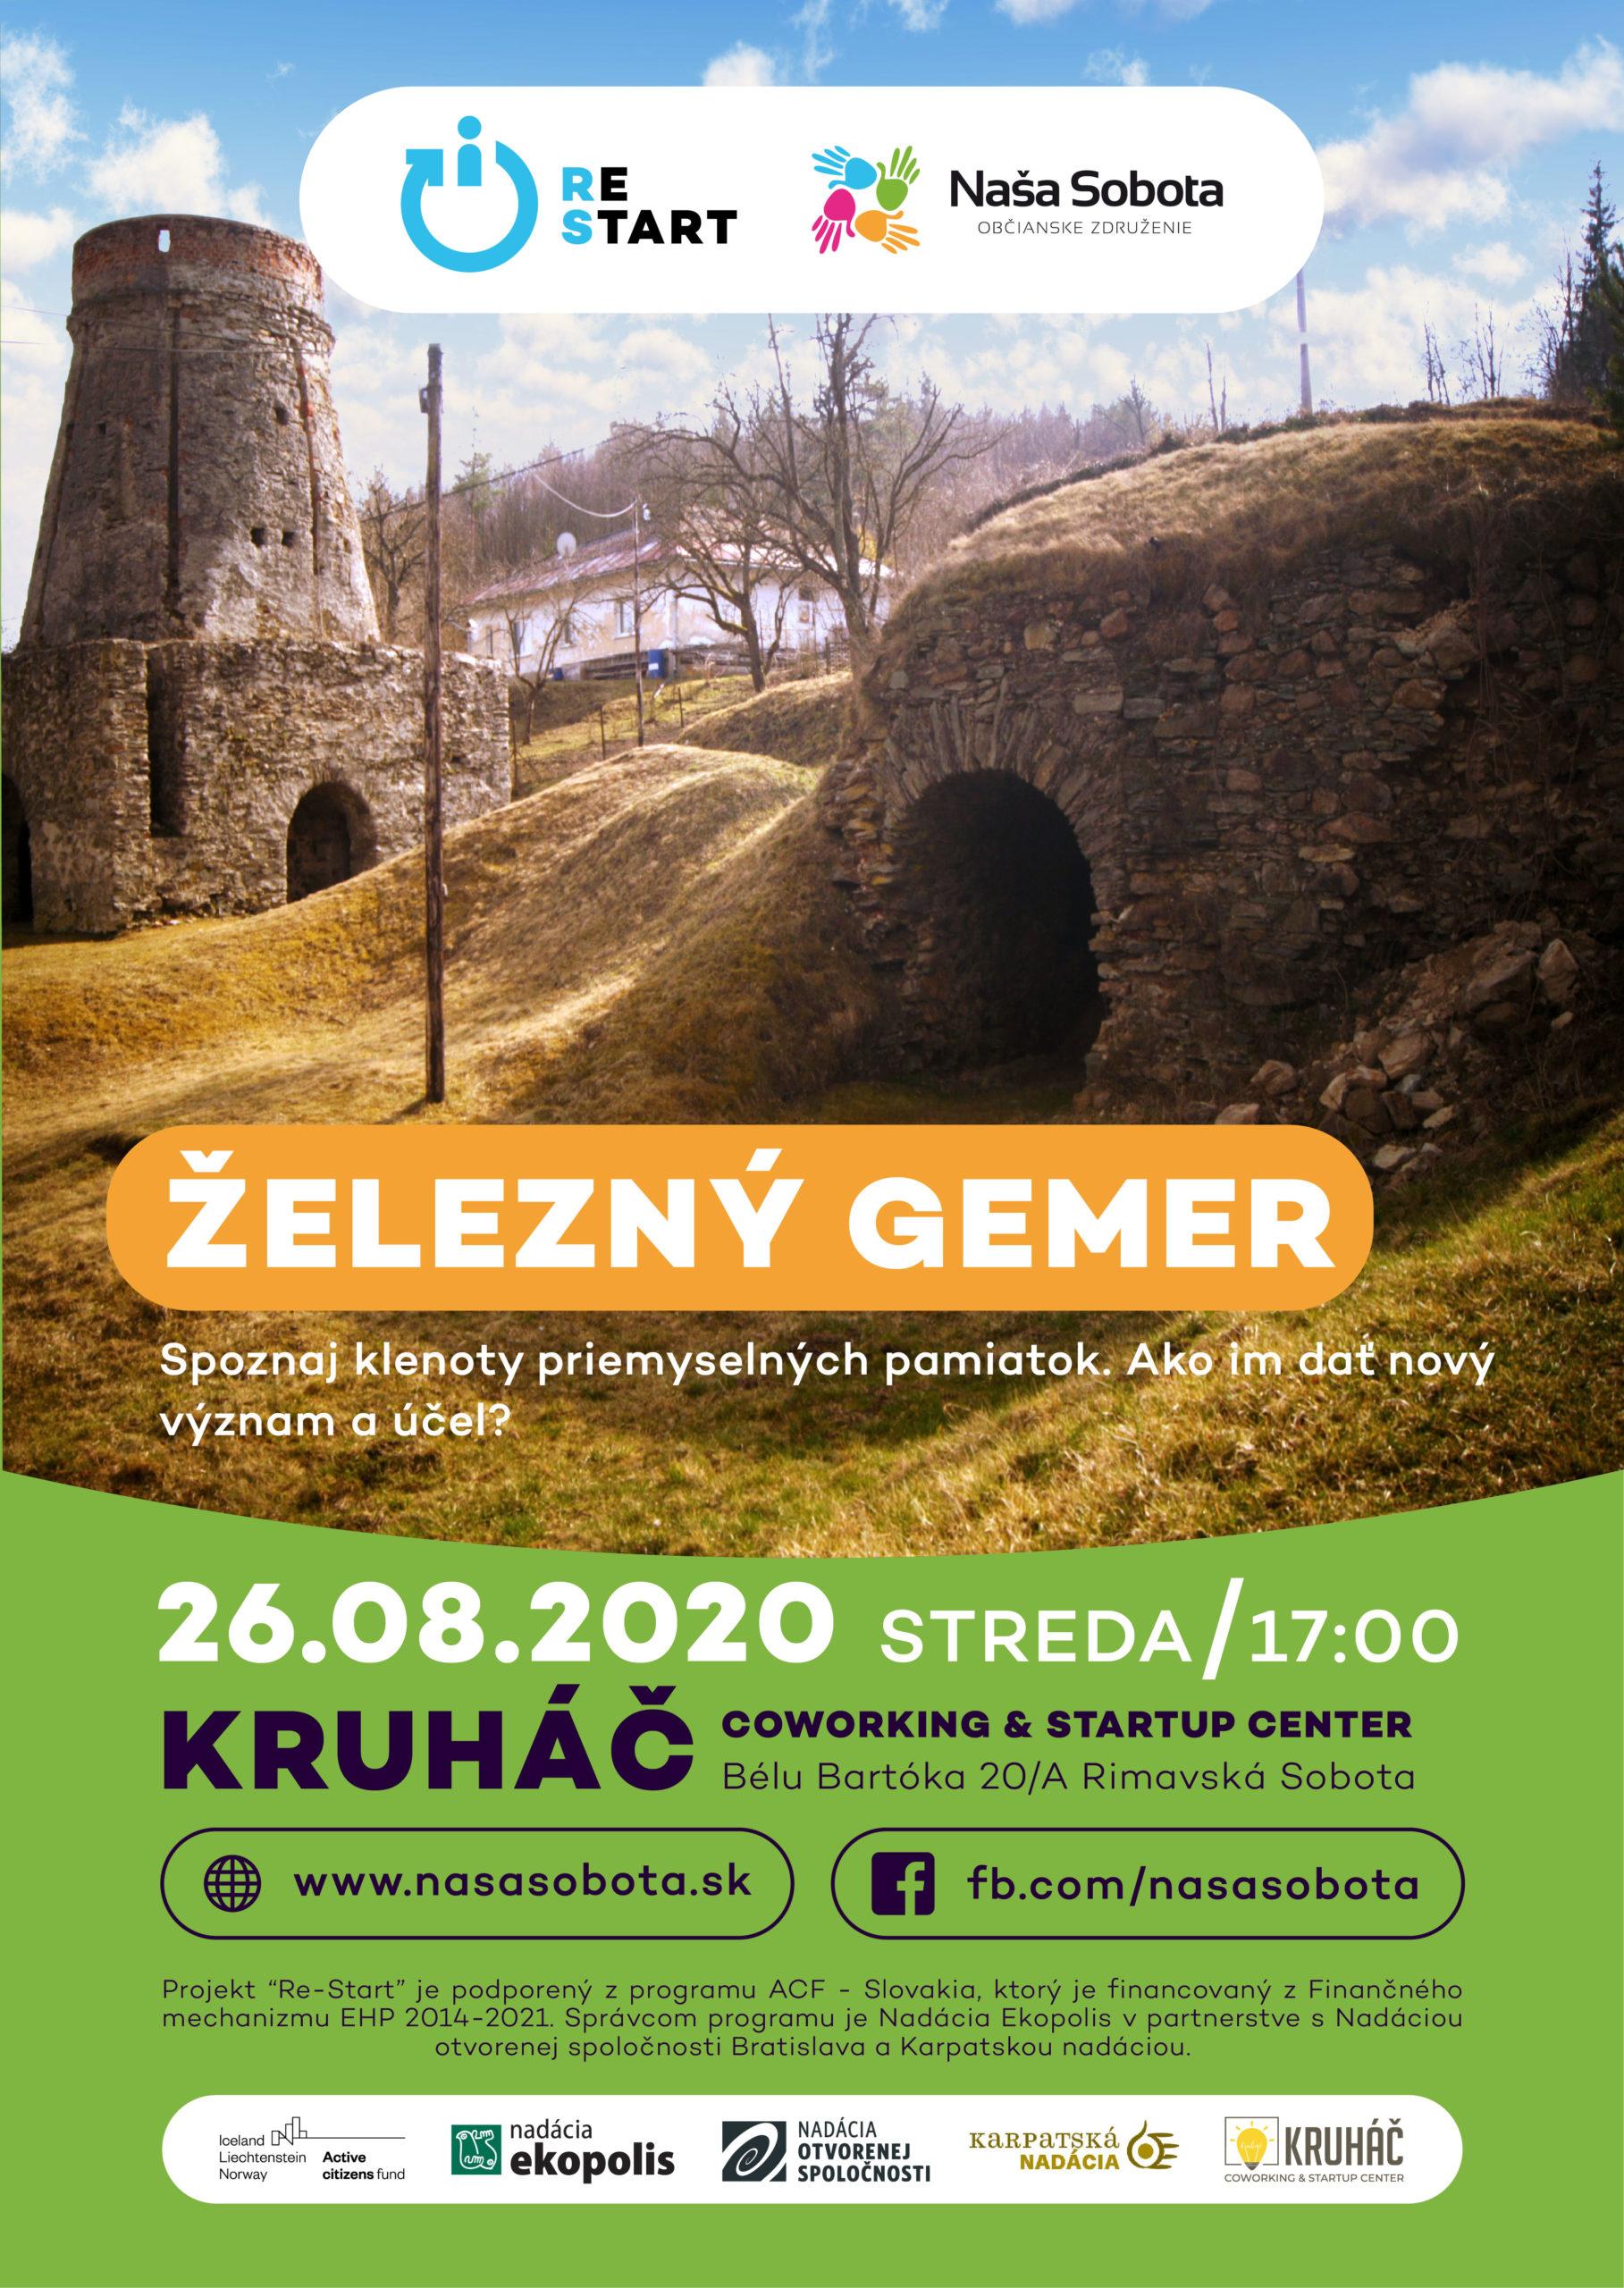 Železný Gemer @ Kruháč - Coworking and StartUp Center, Bélu Bartóka 20/A, 979 01 Rimavská Sobota